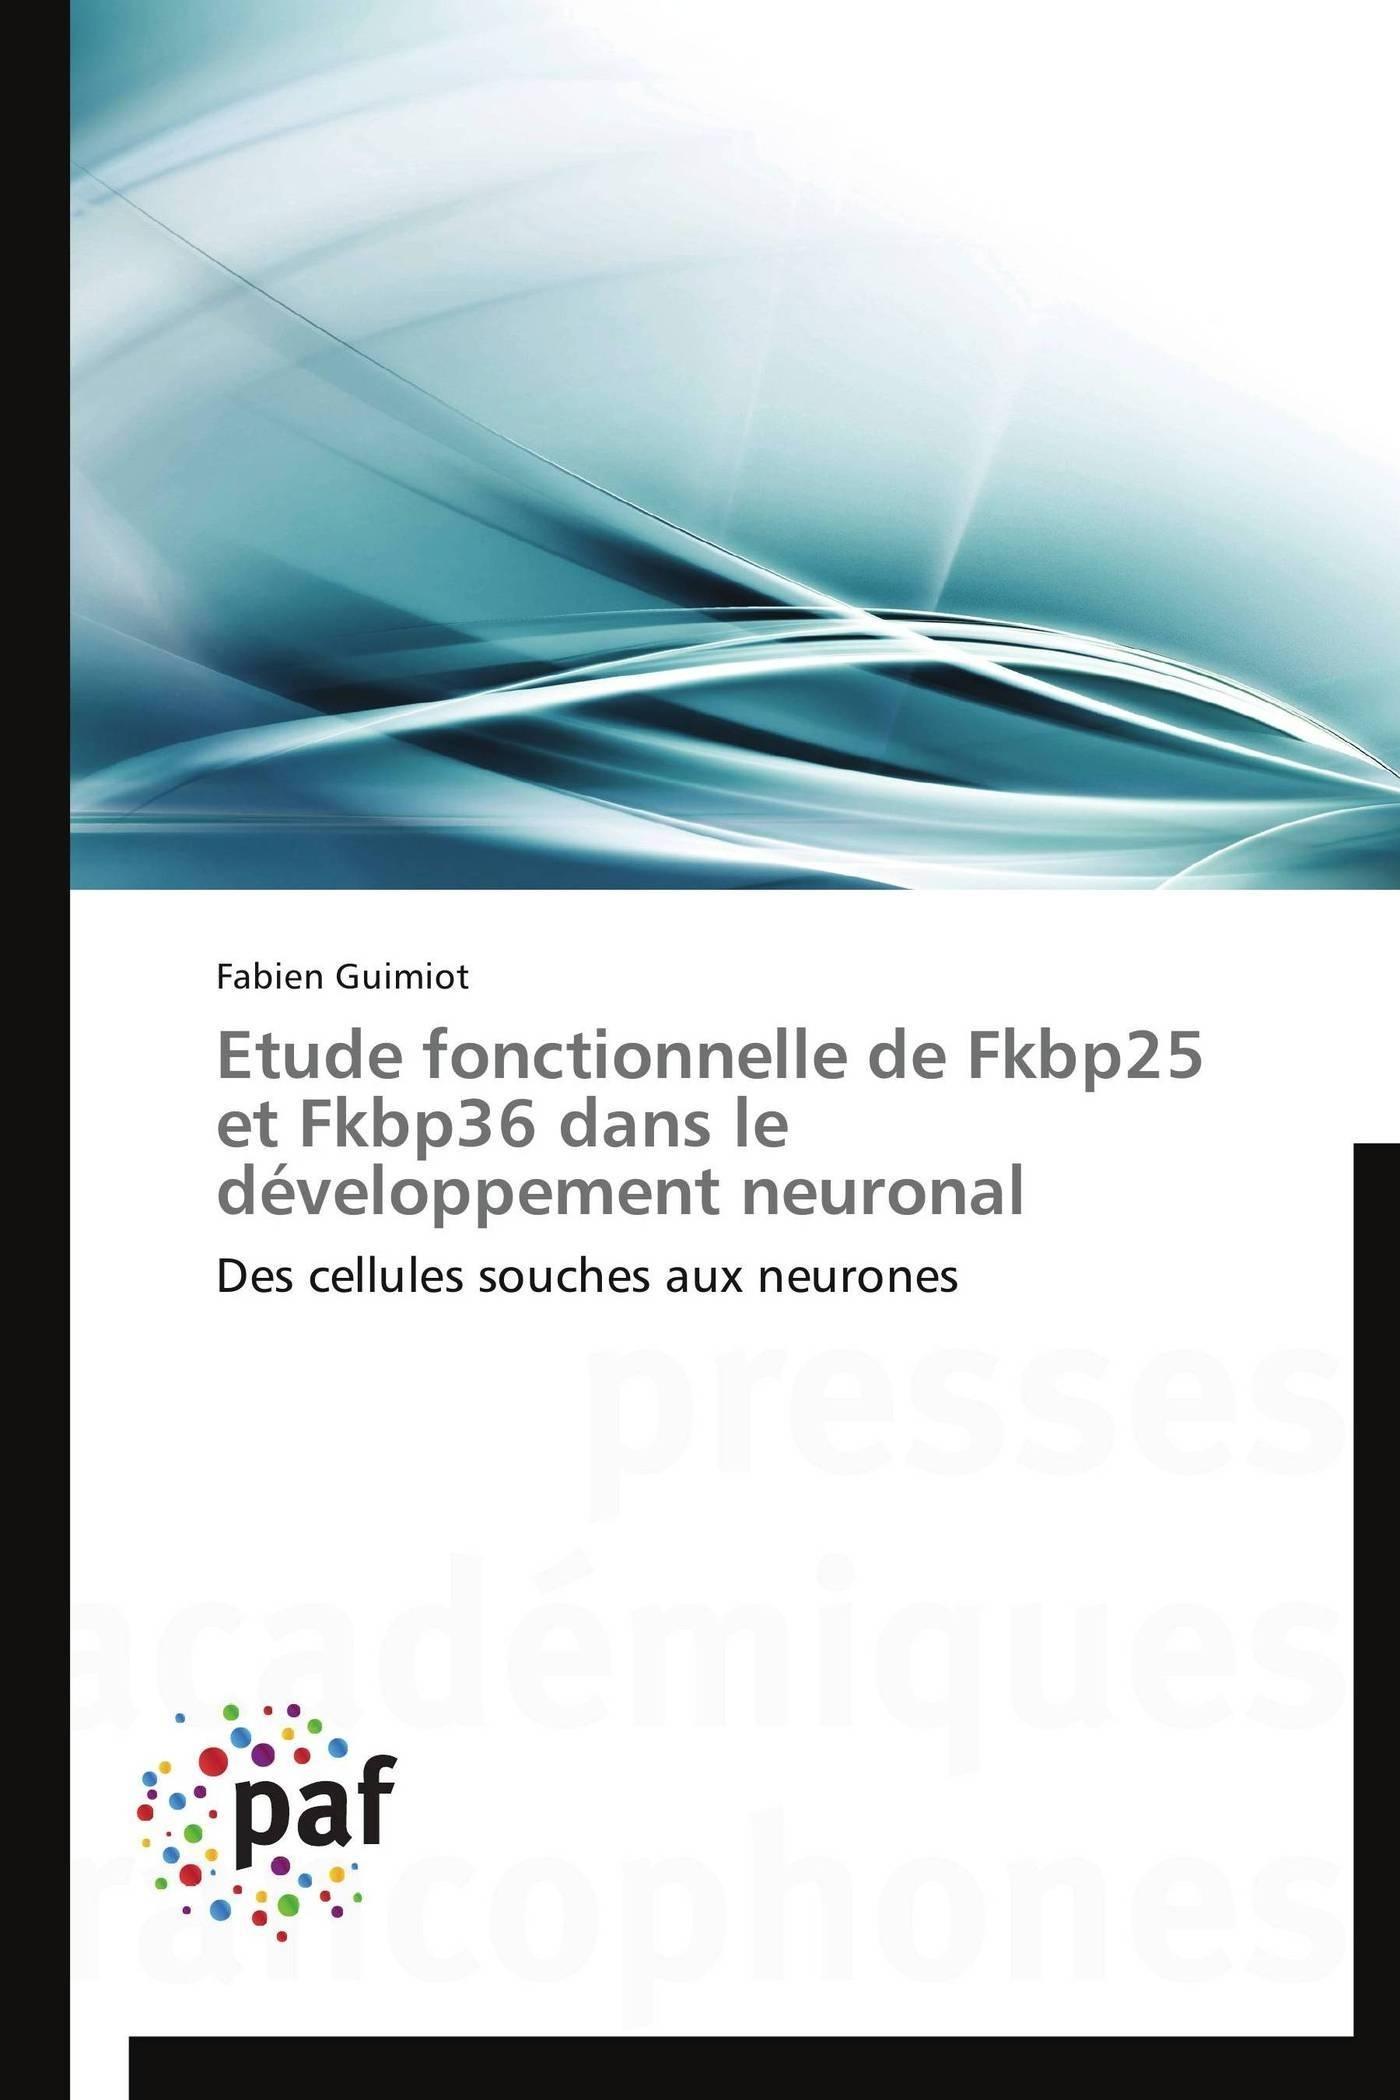 ETUDE FONCTIONNELLE DE FKBP25 ET FKBP36 DANS LE DEVELOPPEMENT NEURONAL